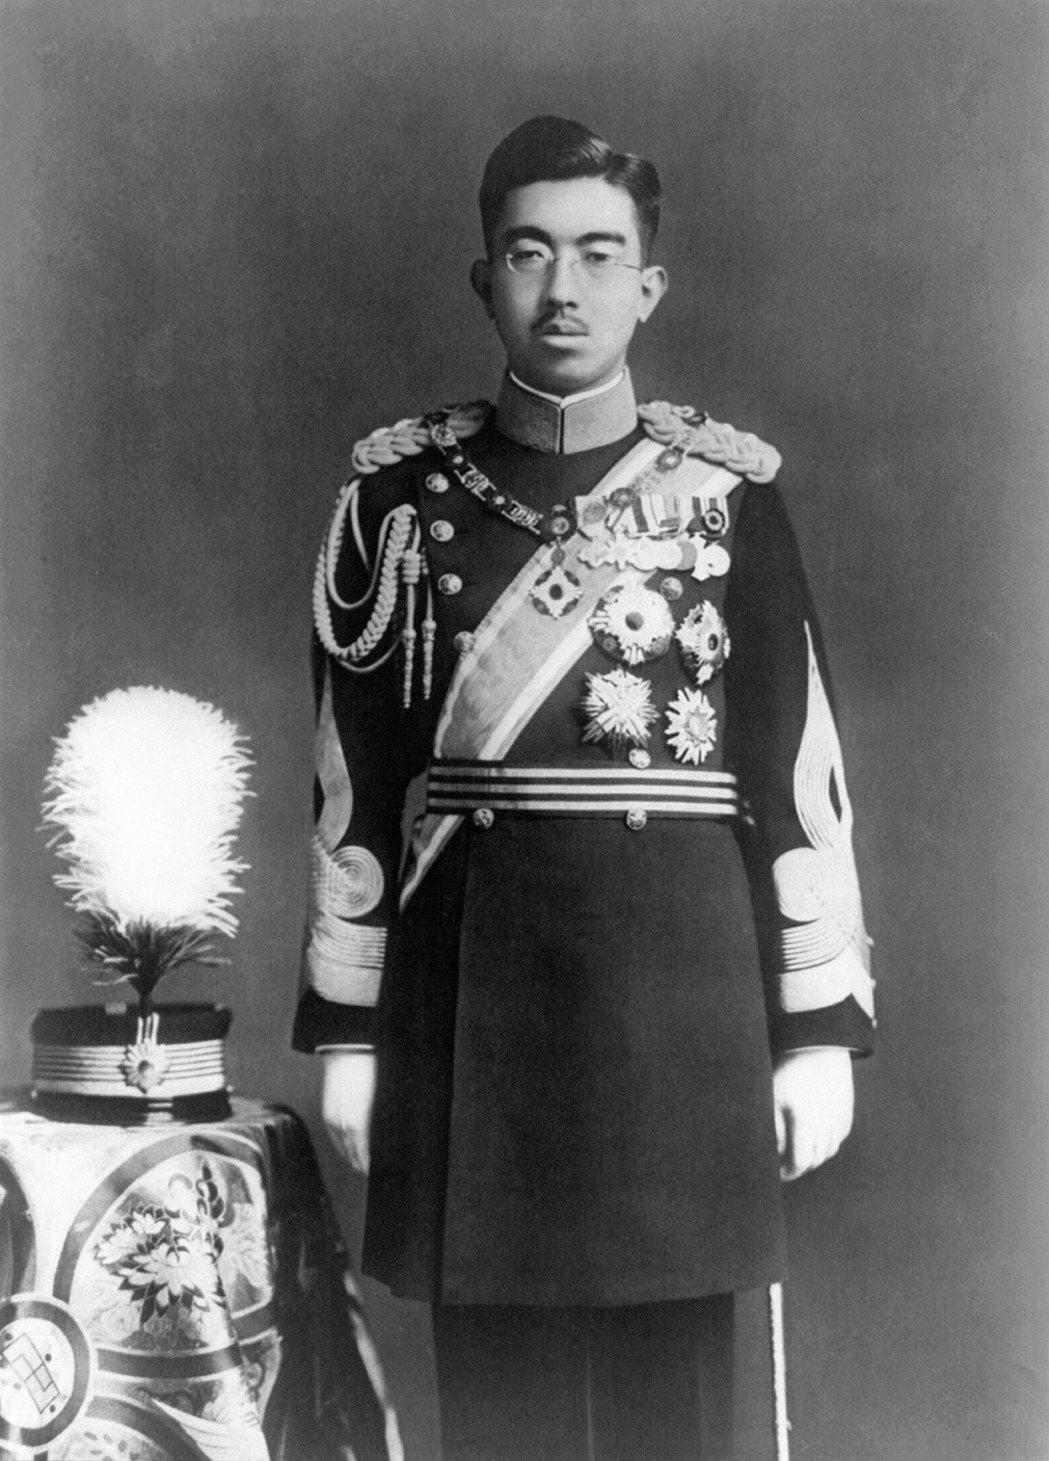 在《文化防衛論》裡,三島把文化賦予對內整合、型塑主體性的功能,更甚者日本對外也能彰顯自主性與獨立性。在這樣的脈絡下,三島提出了「政治天皇」與「文化天皇」的概念。圖為1935年的昭和天皇。  圖/維基共享